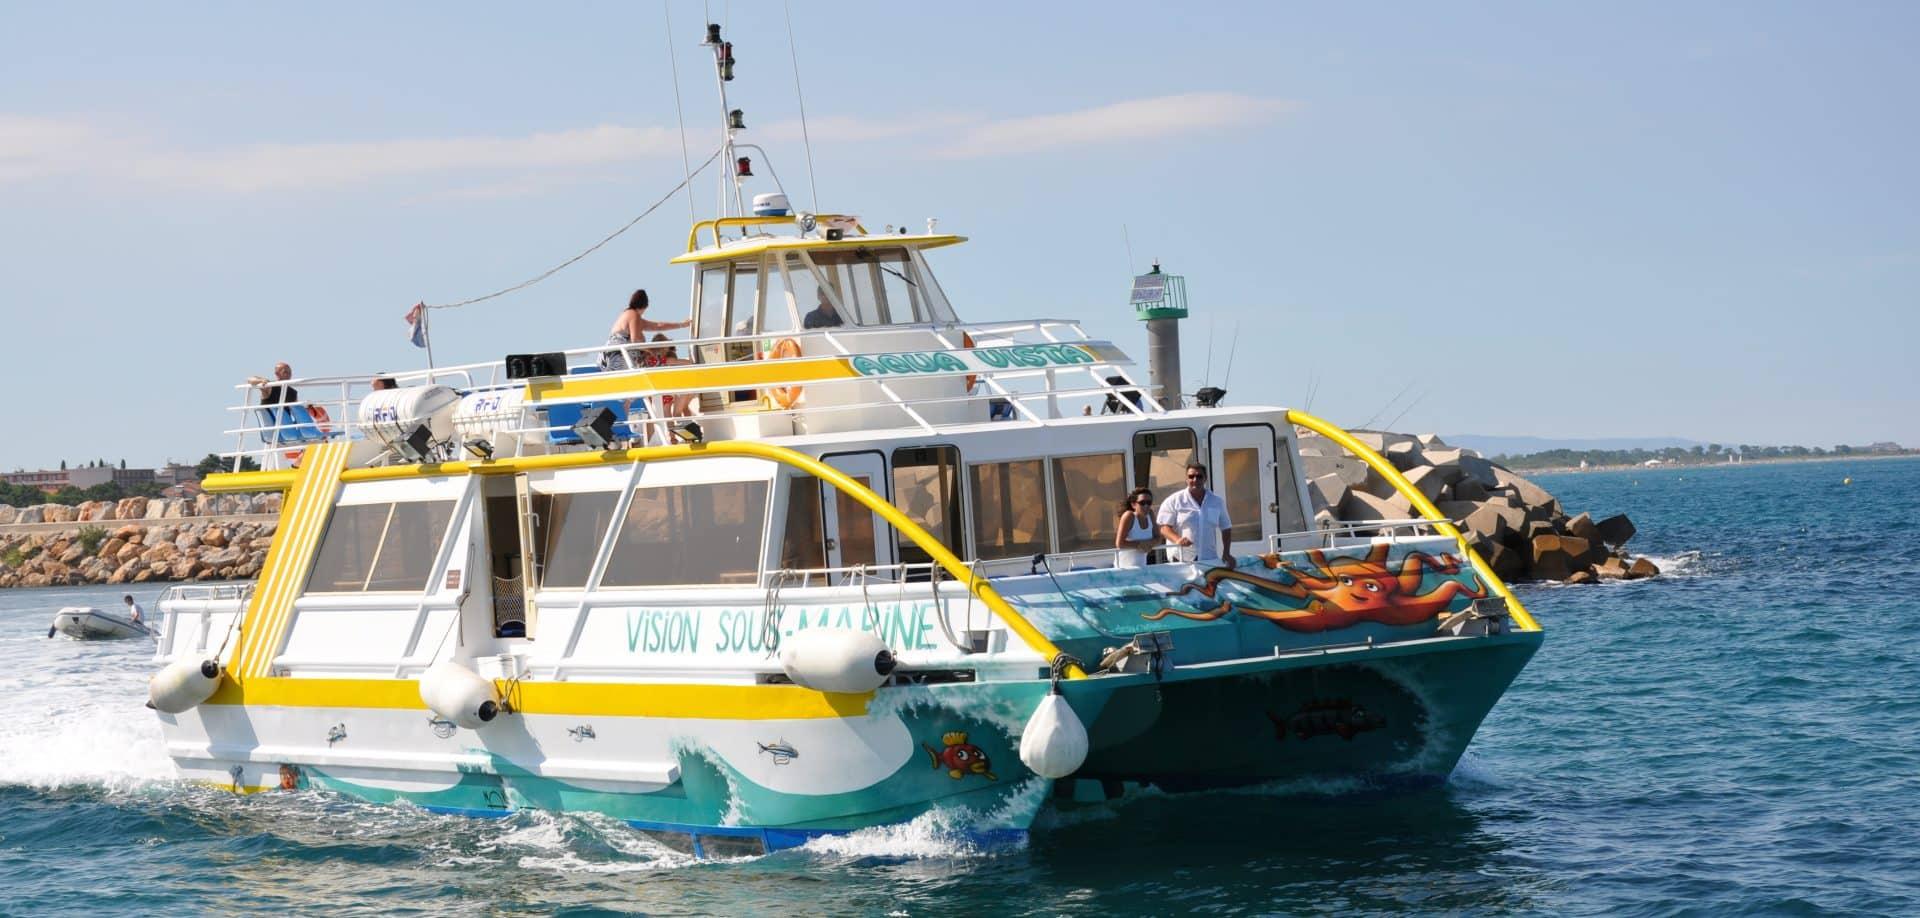 L'Aquavista bateau vision sous marine